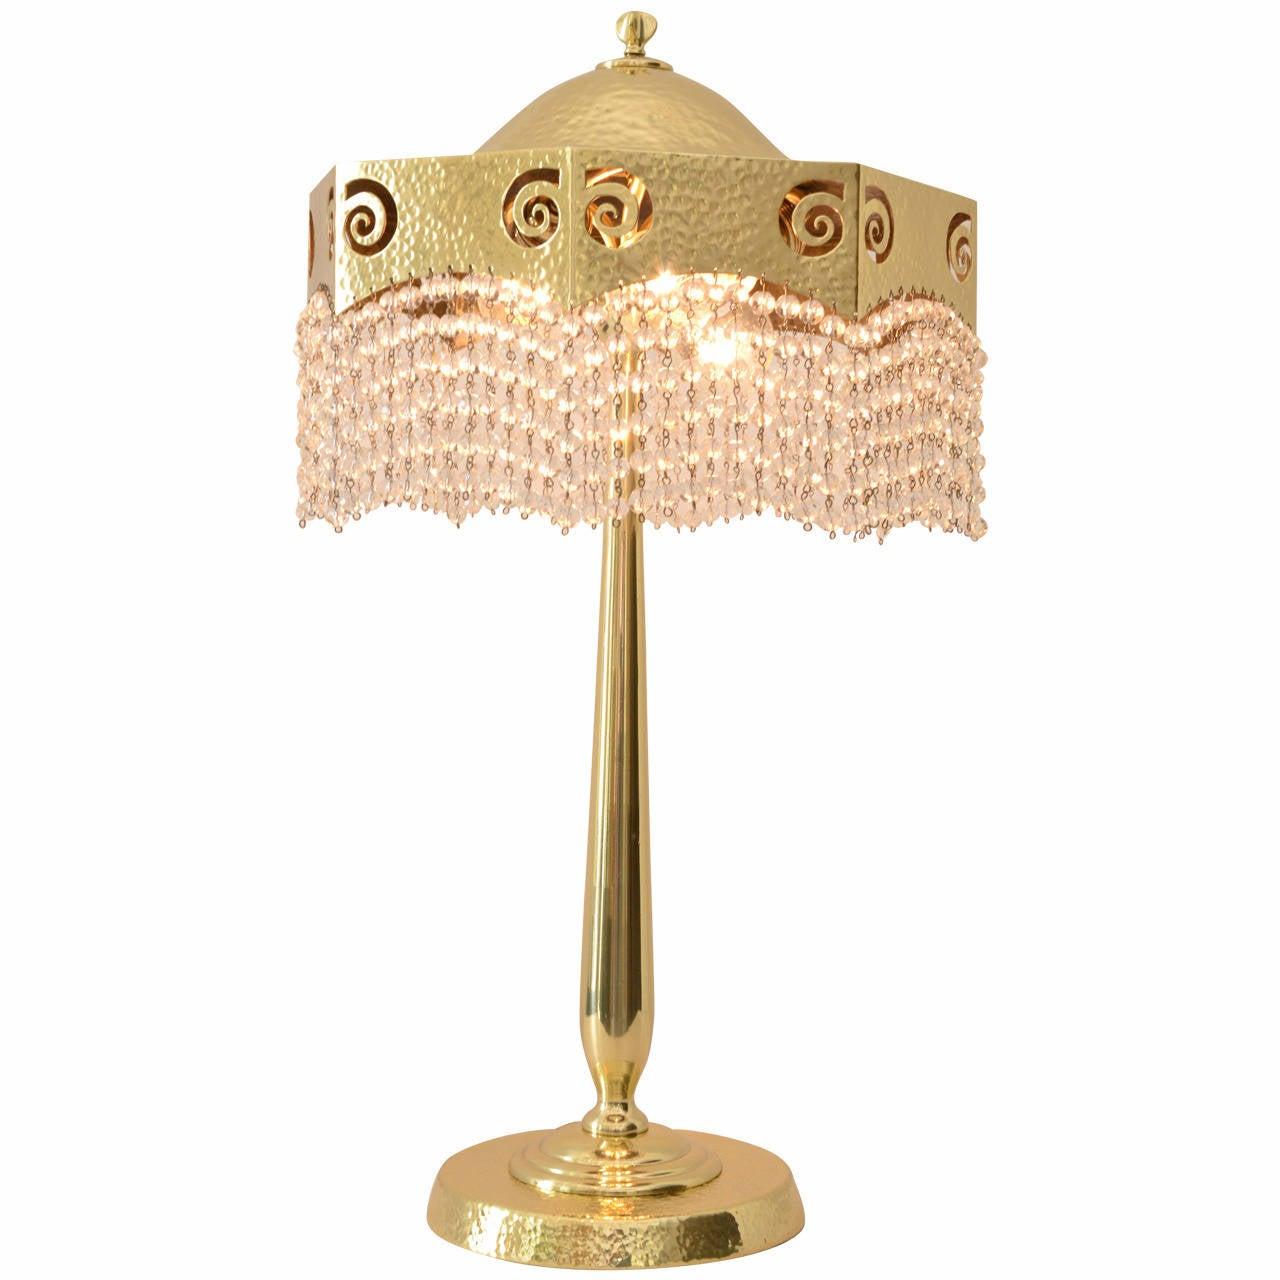 Hammered Jugendstil Table Lamp with Original Cut Glass Balls